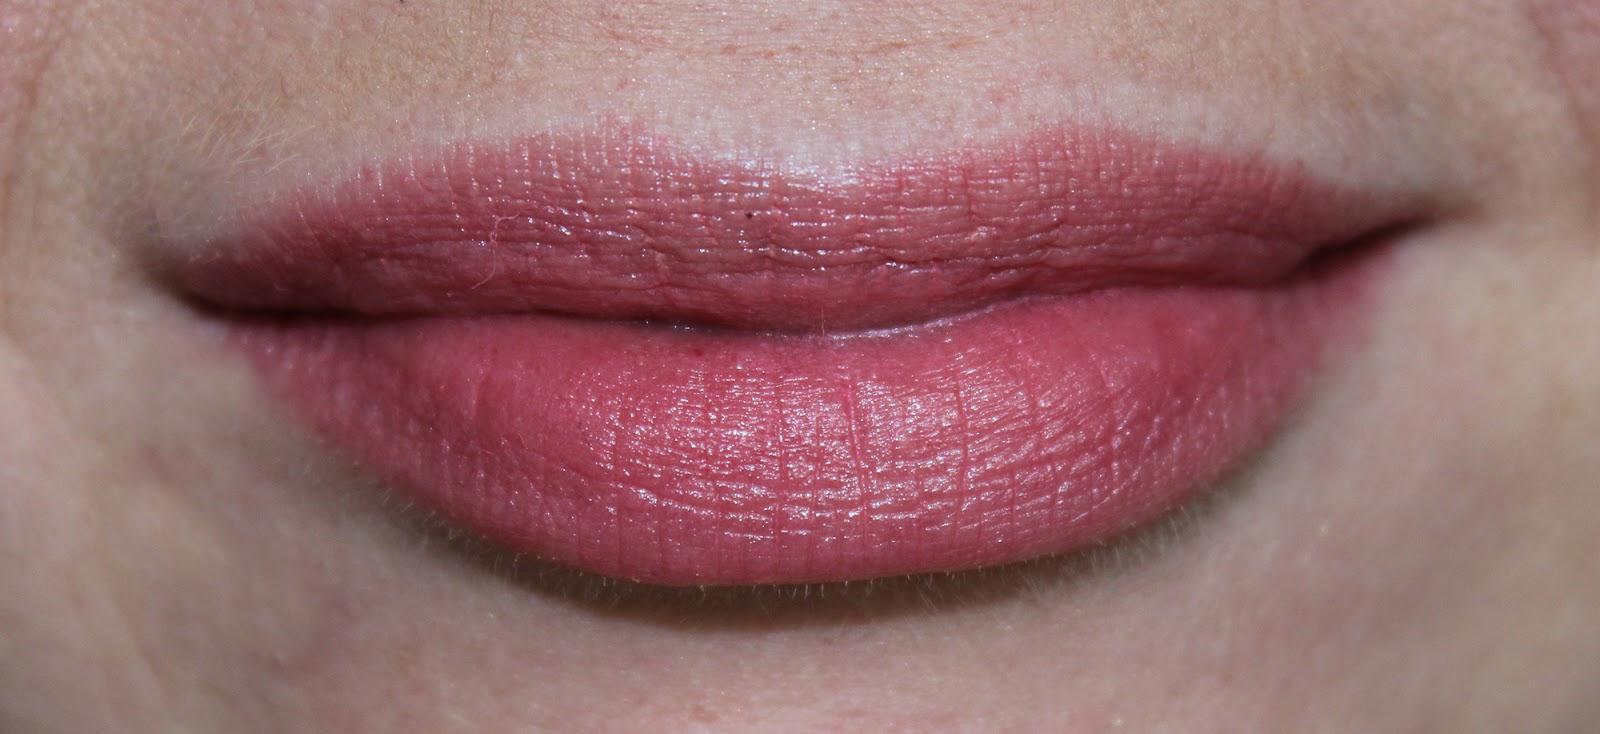 Увлажняющий бальзам для губ арбуз эйвон отзывы 21 фотография